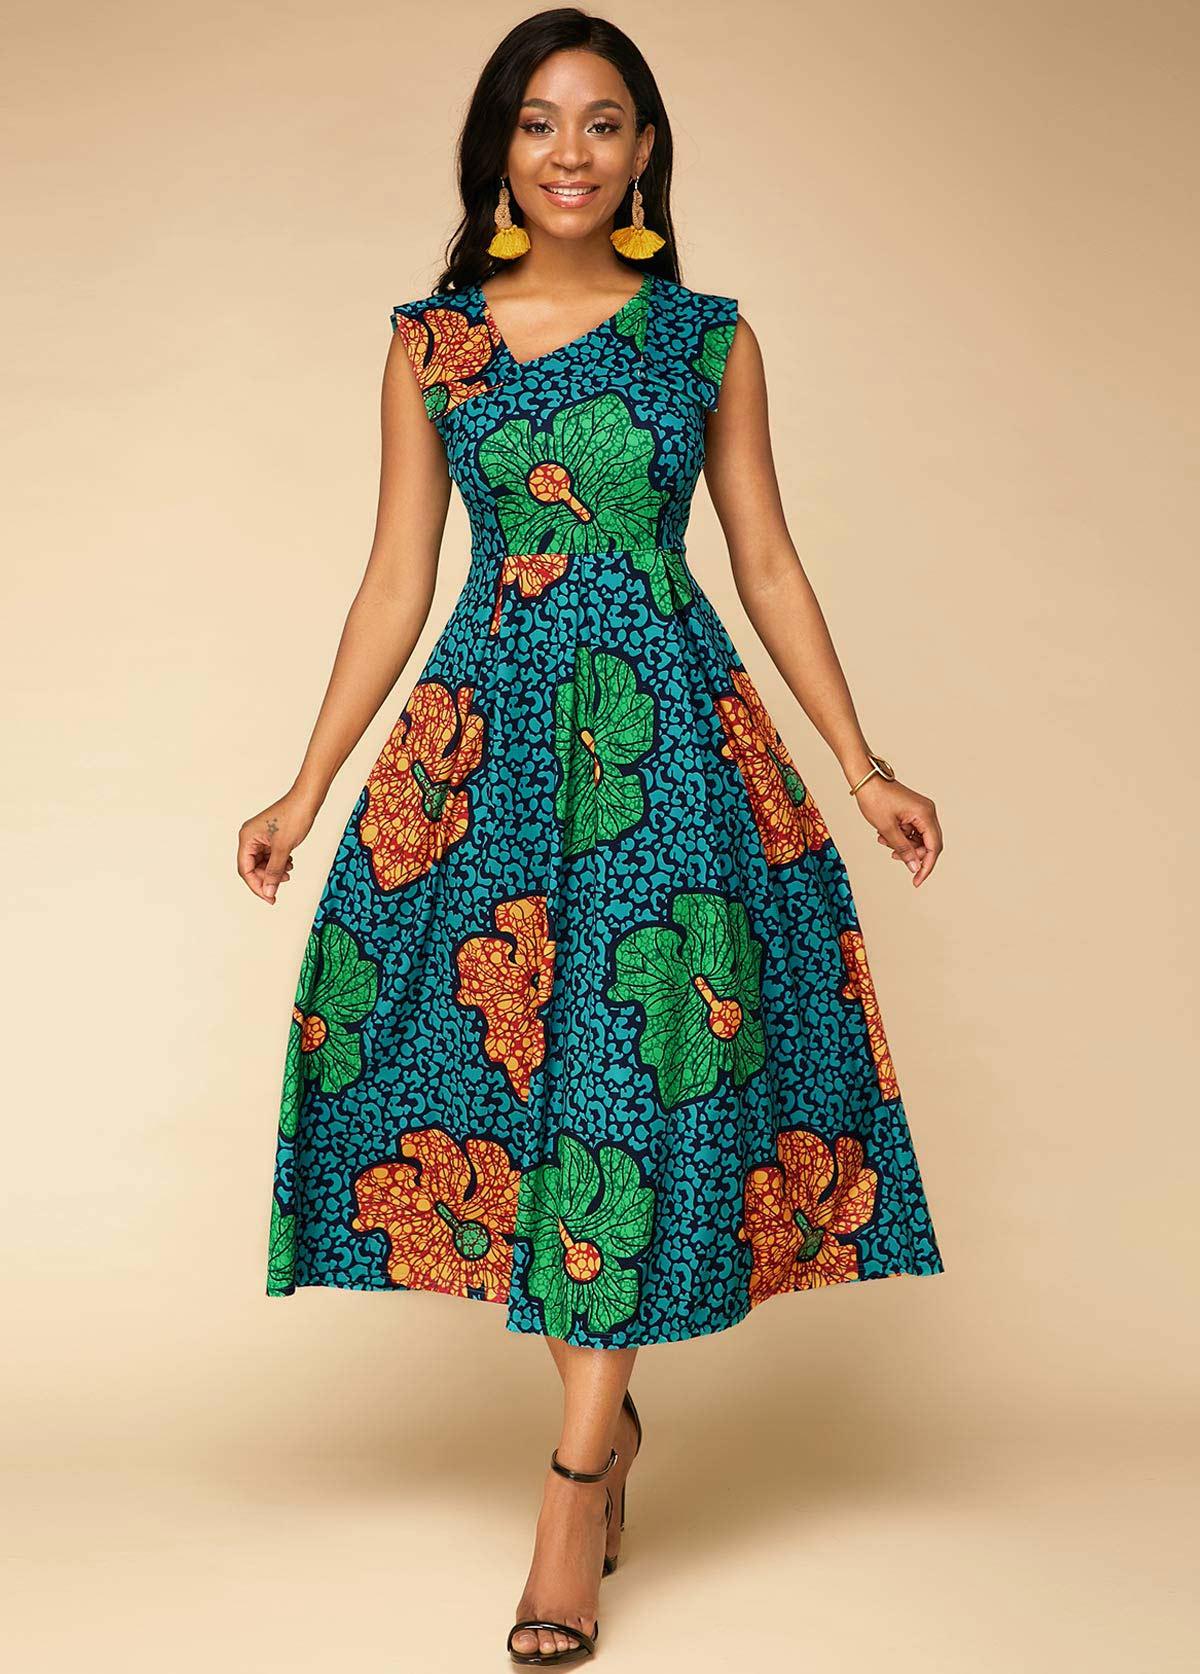 Flower Print High Waist Sleeveless Dress